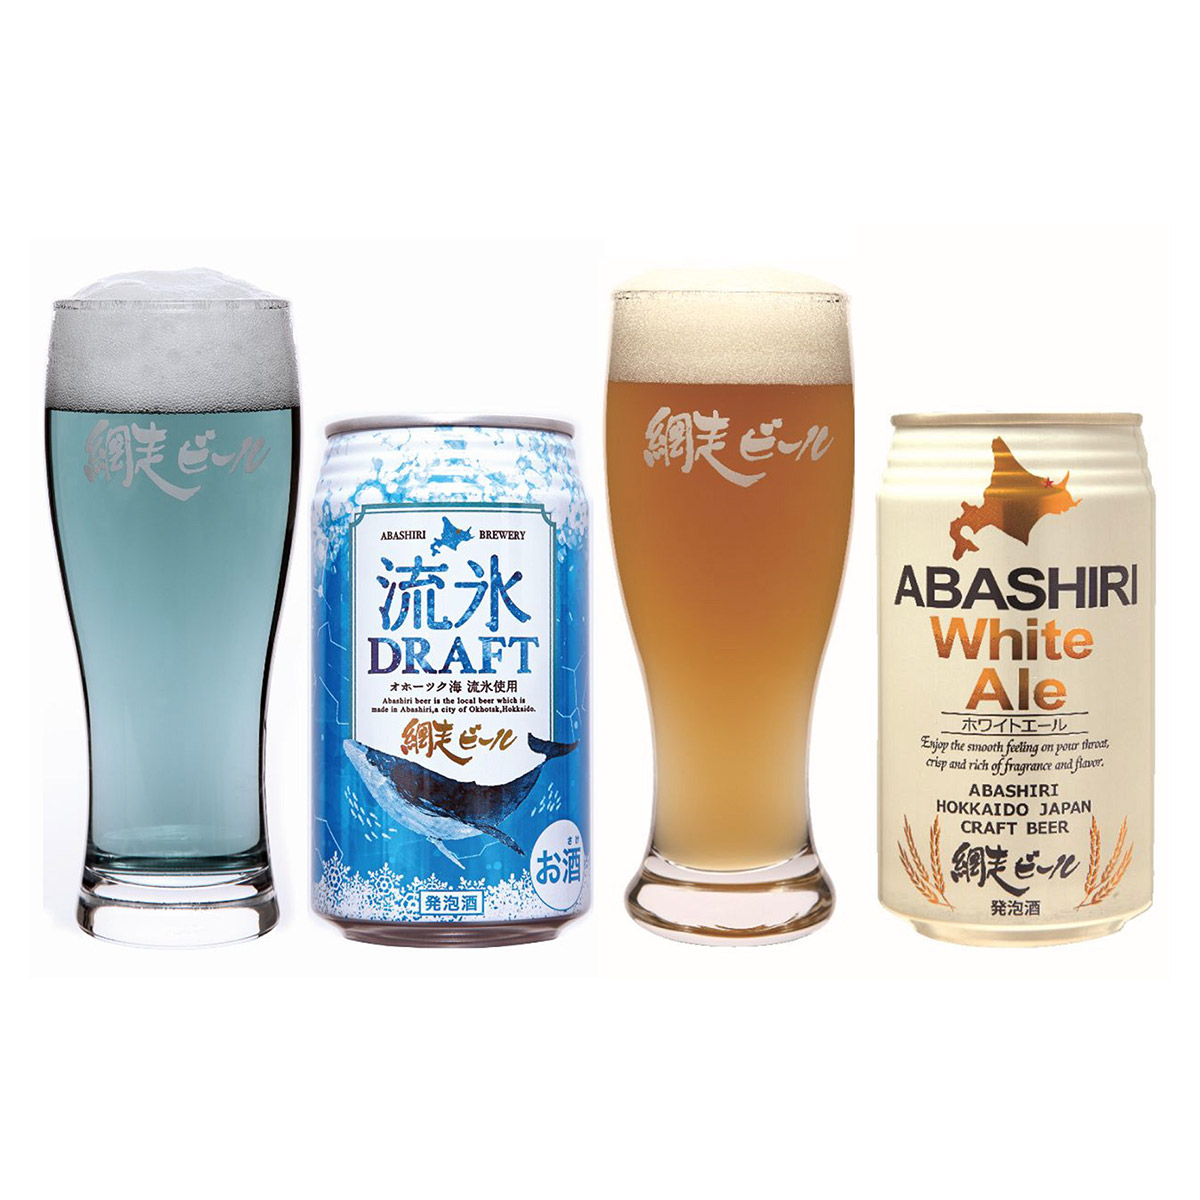 【ふるさと納税】網走ビール缶24本セット 流氷DRAFT、ABASHIRI White Ale 各12本 ご当地ビール(発泡酒)